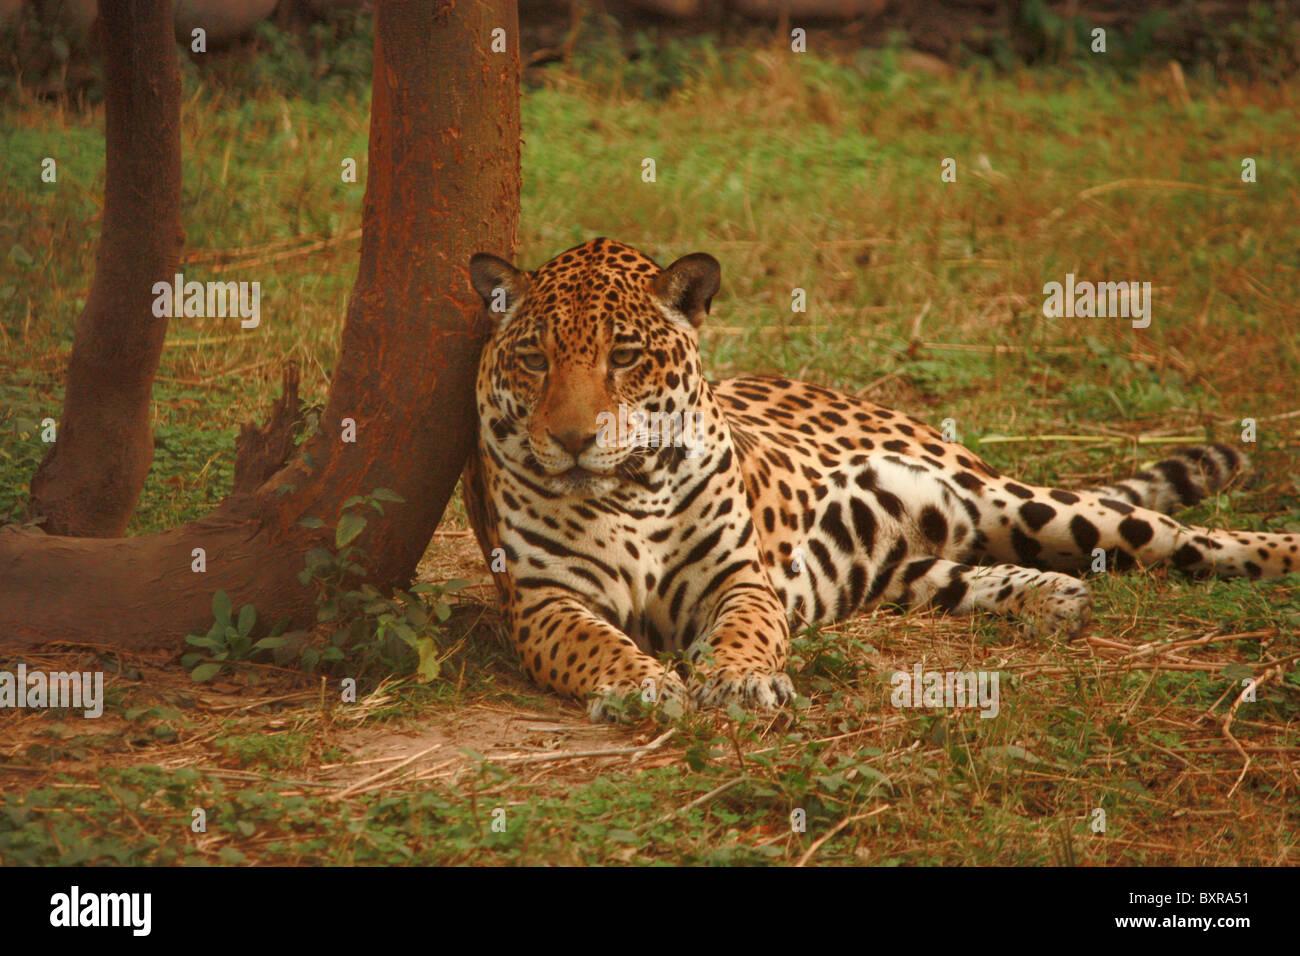 66fbeeaa90 The leopard Panthera pardus